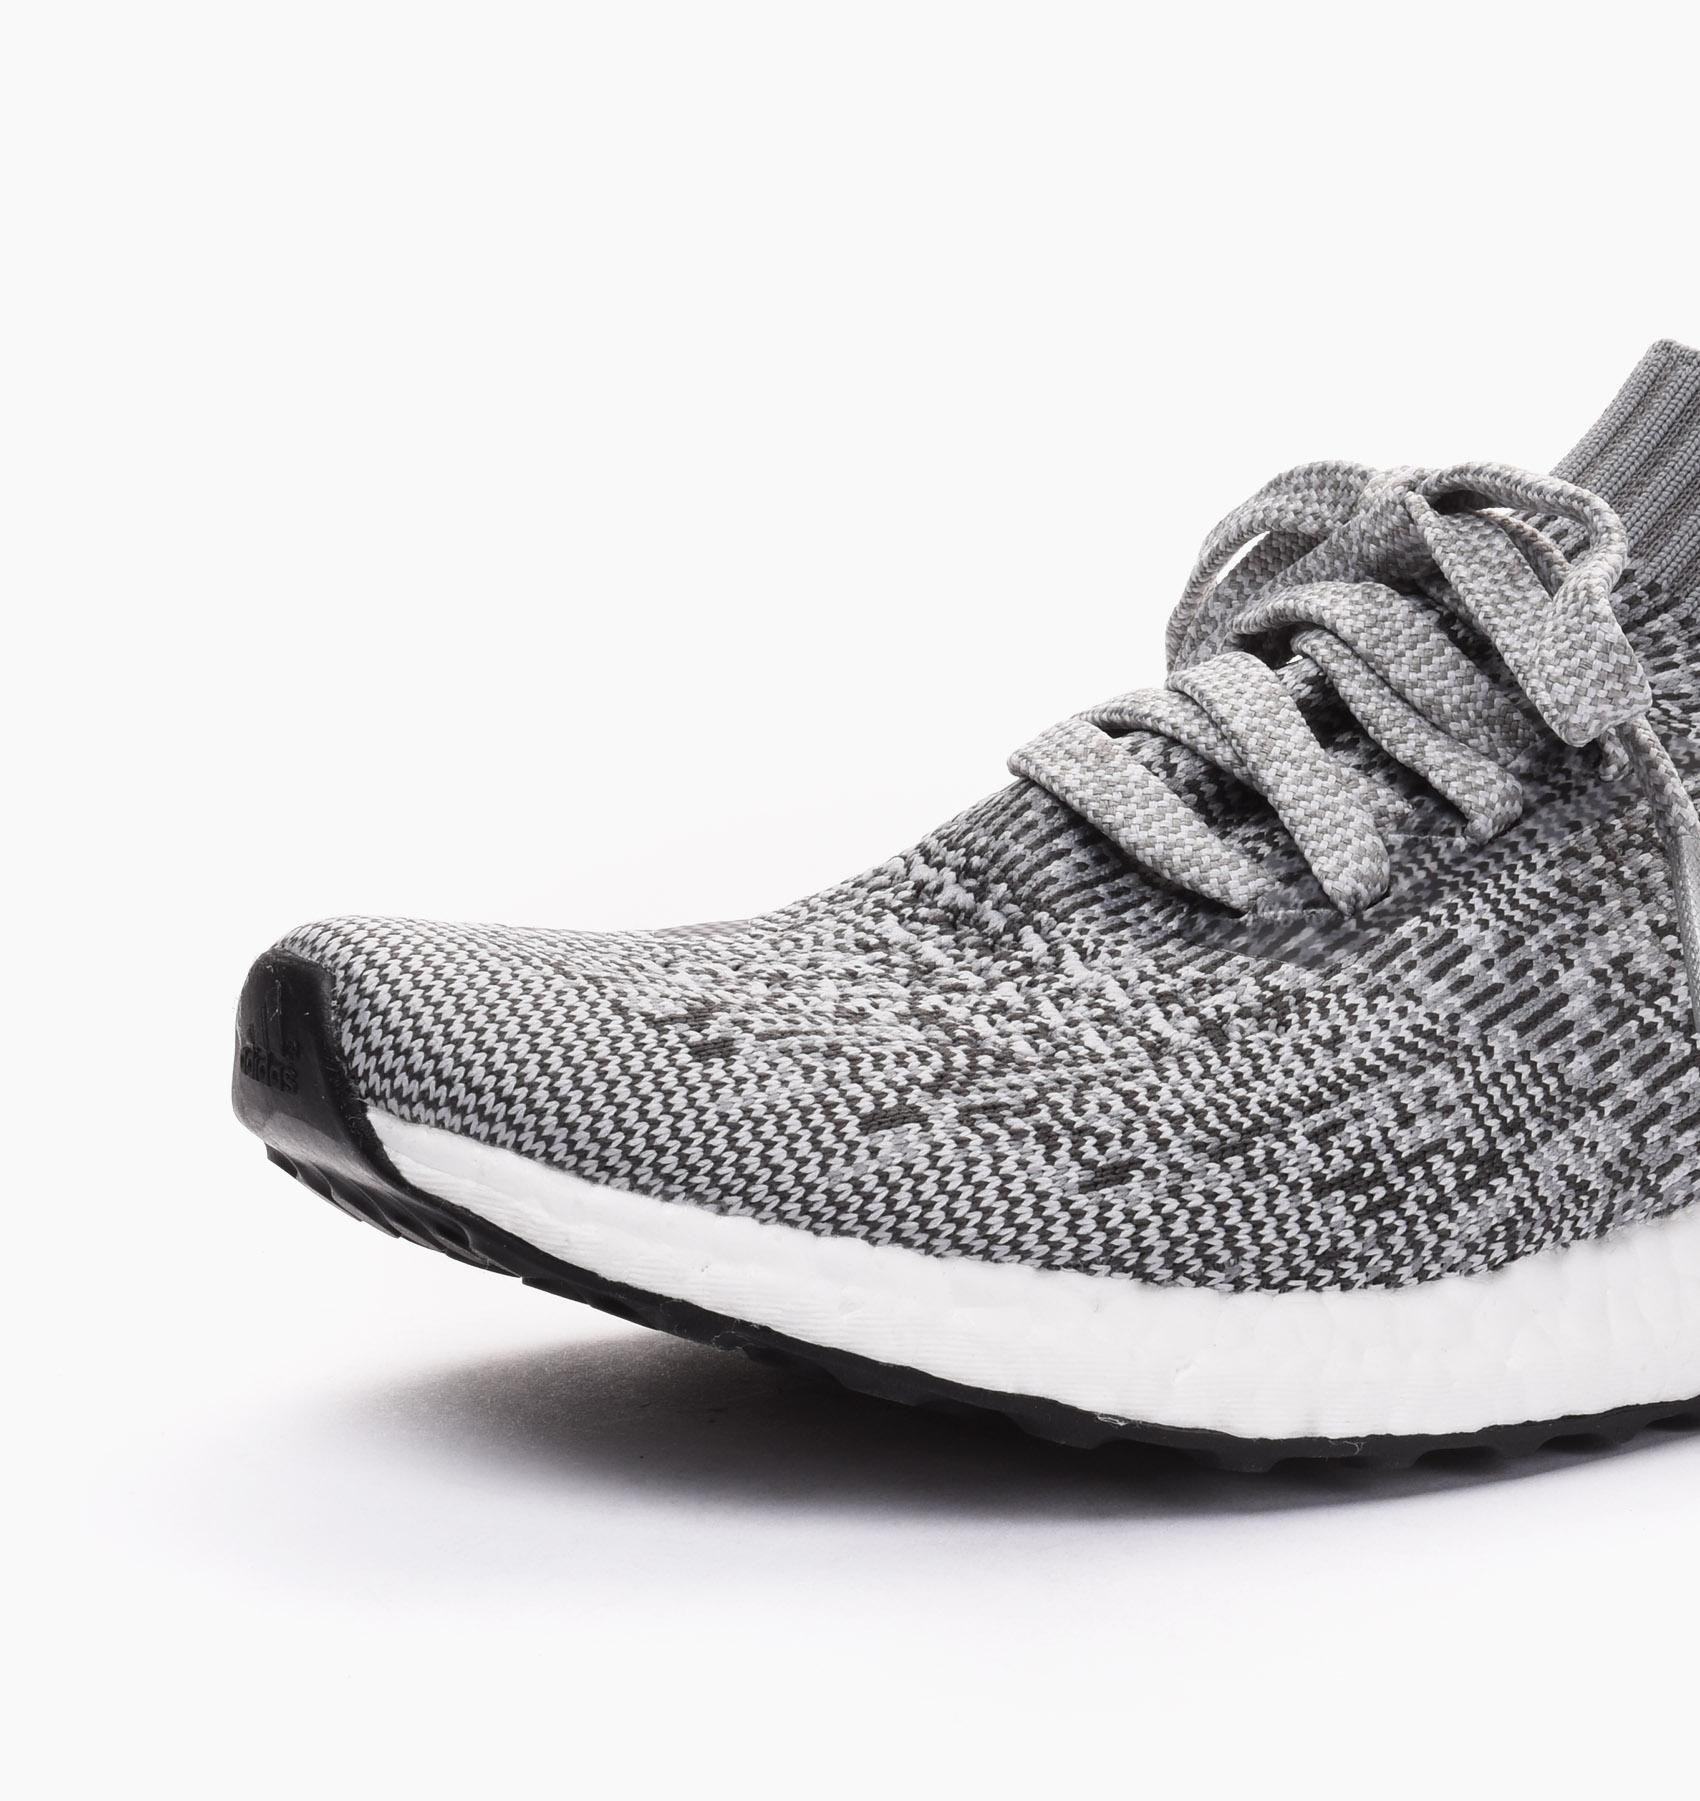 Adidas Ultra Boost Uncaged Grey W